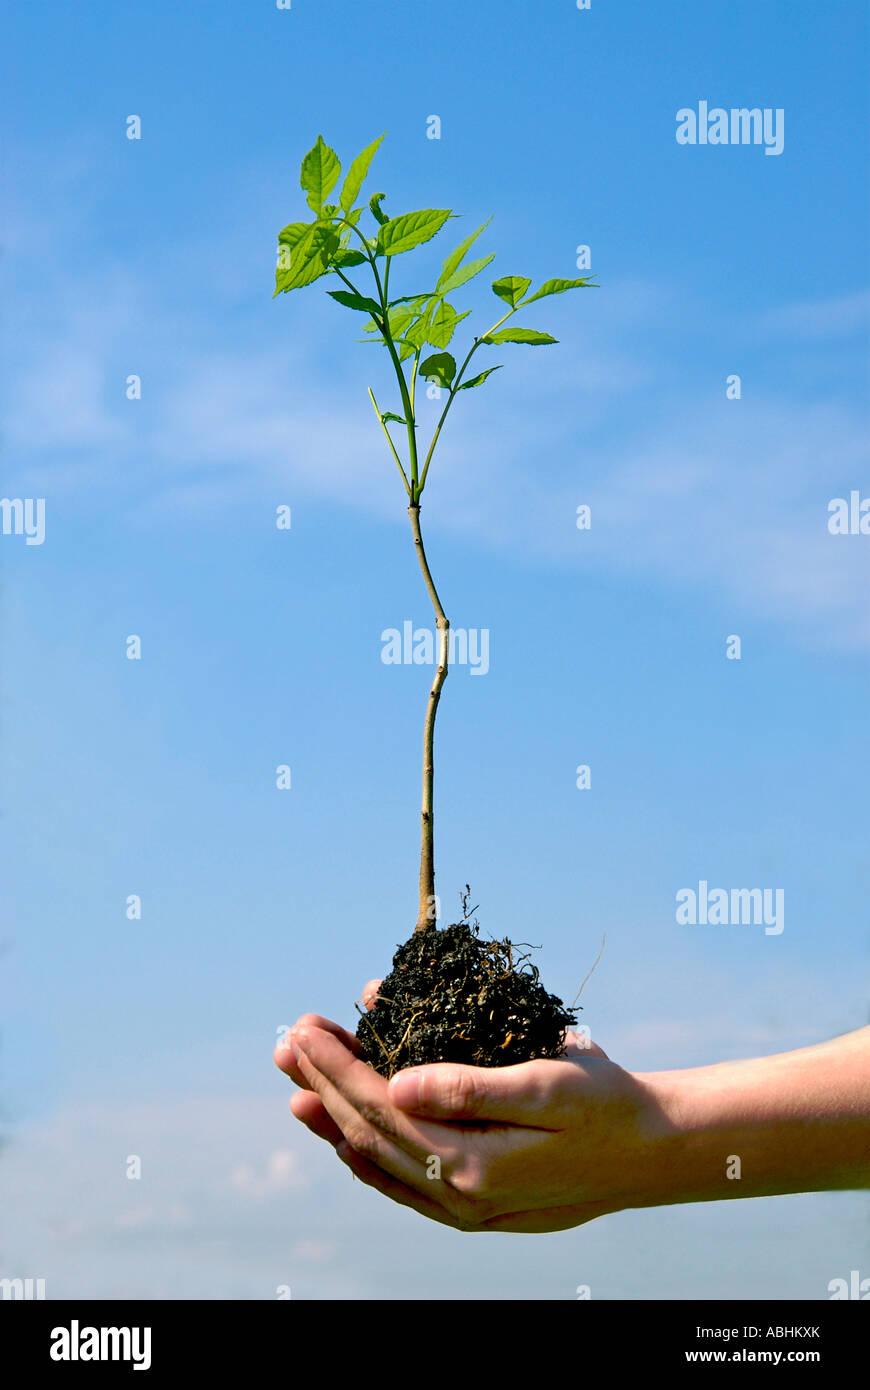 Manos sosteniendo una planta joven afuera - concepto de crecimiento Imagen De Stock